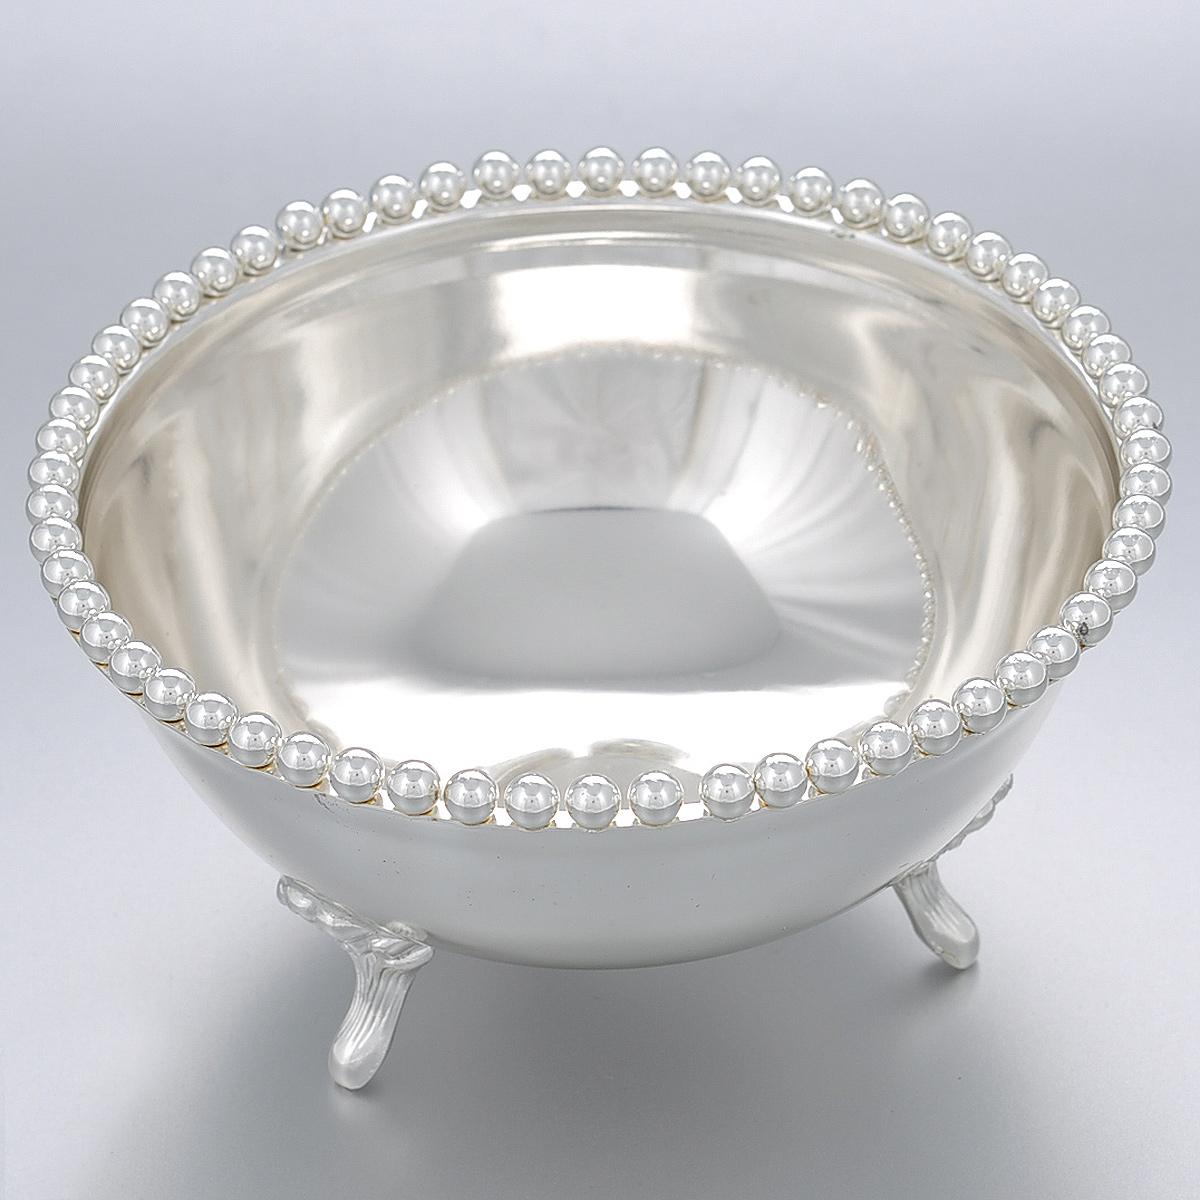 Ваза универсальная Marquis, диаметр 13 см. 7044-MR7044-MRУниверсальная ваза Marquis выполнена из стали с серебряно-никелевым покрытием и по краю оформлена круглыми бусинами. Ваза прекрасно подойдет для красивой сервировки конфет, различных пирожных и фруктов, соусов, закусок и многого другого. Предусмотрены 3 ножки с цветочным рельефом для большей устойчивости. Такая ваза придется по вкусу и ценителям классики, и тем, кто предпочитает утонченность и изысканность. Она великолепно украсит праздничный стол и подчеркнет прекрасный вкус хозяина, а также станет отличным подарком.